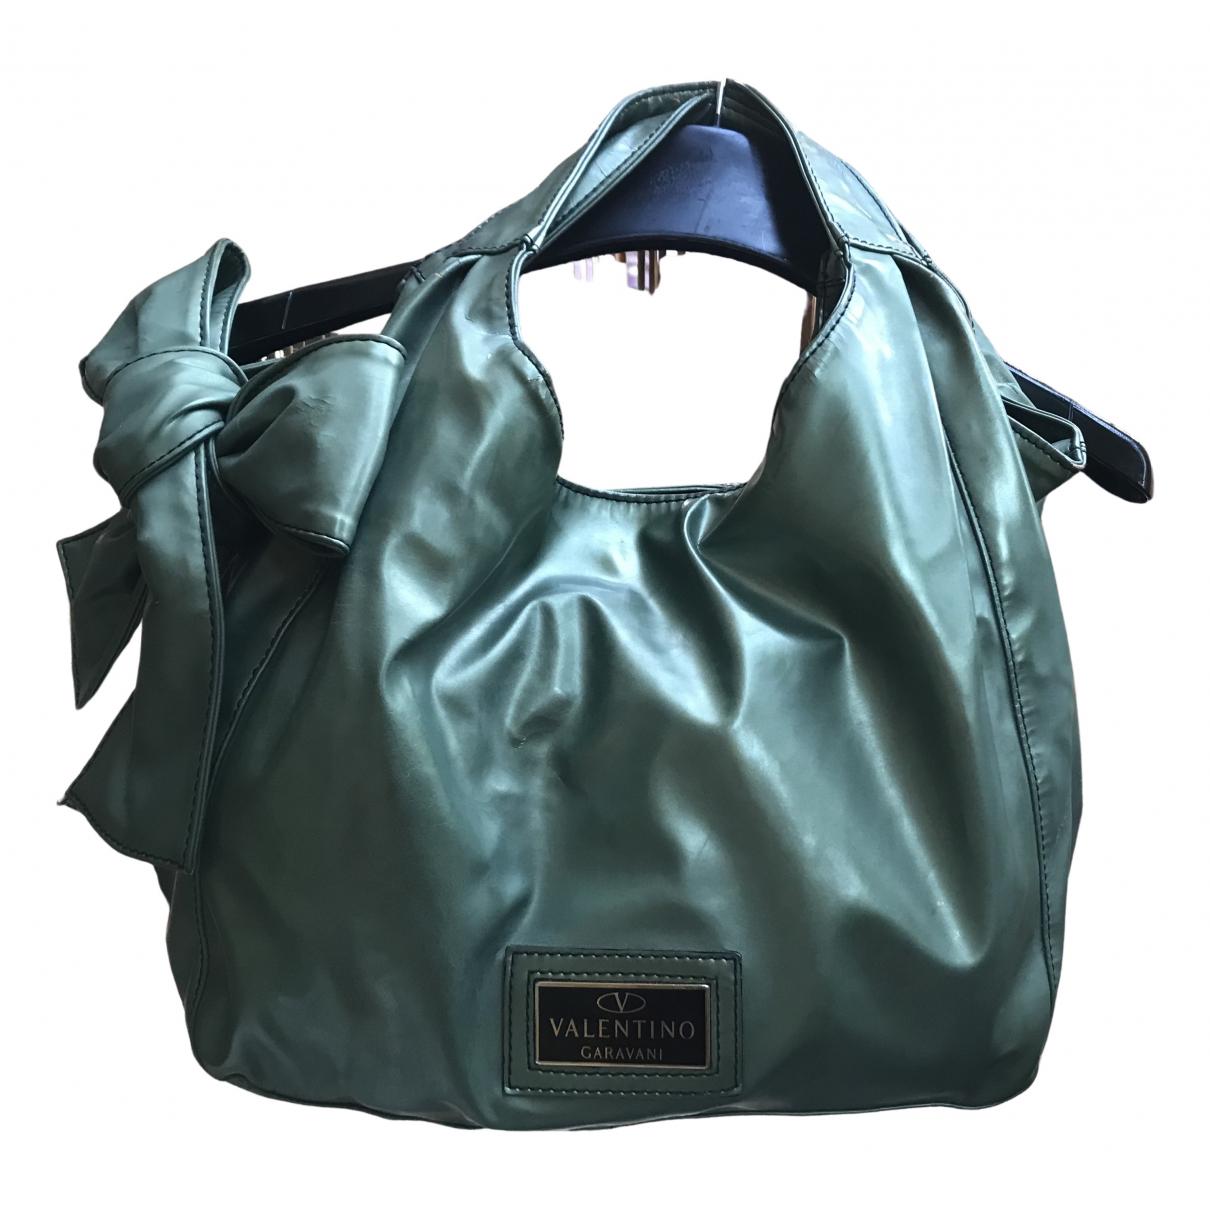 Valentino Garavani \N Handtasche in  Gruen Leder